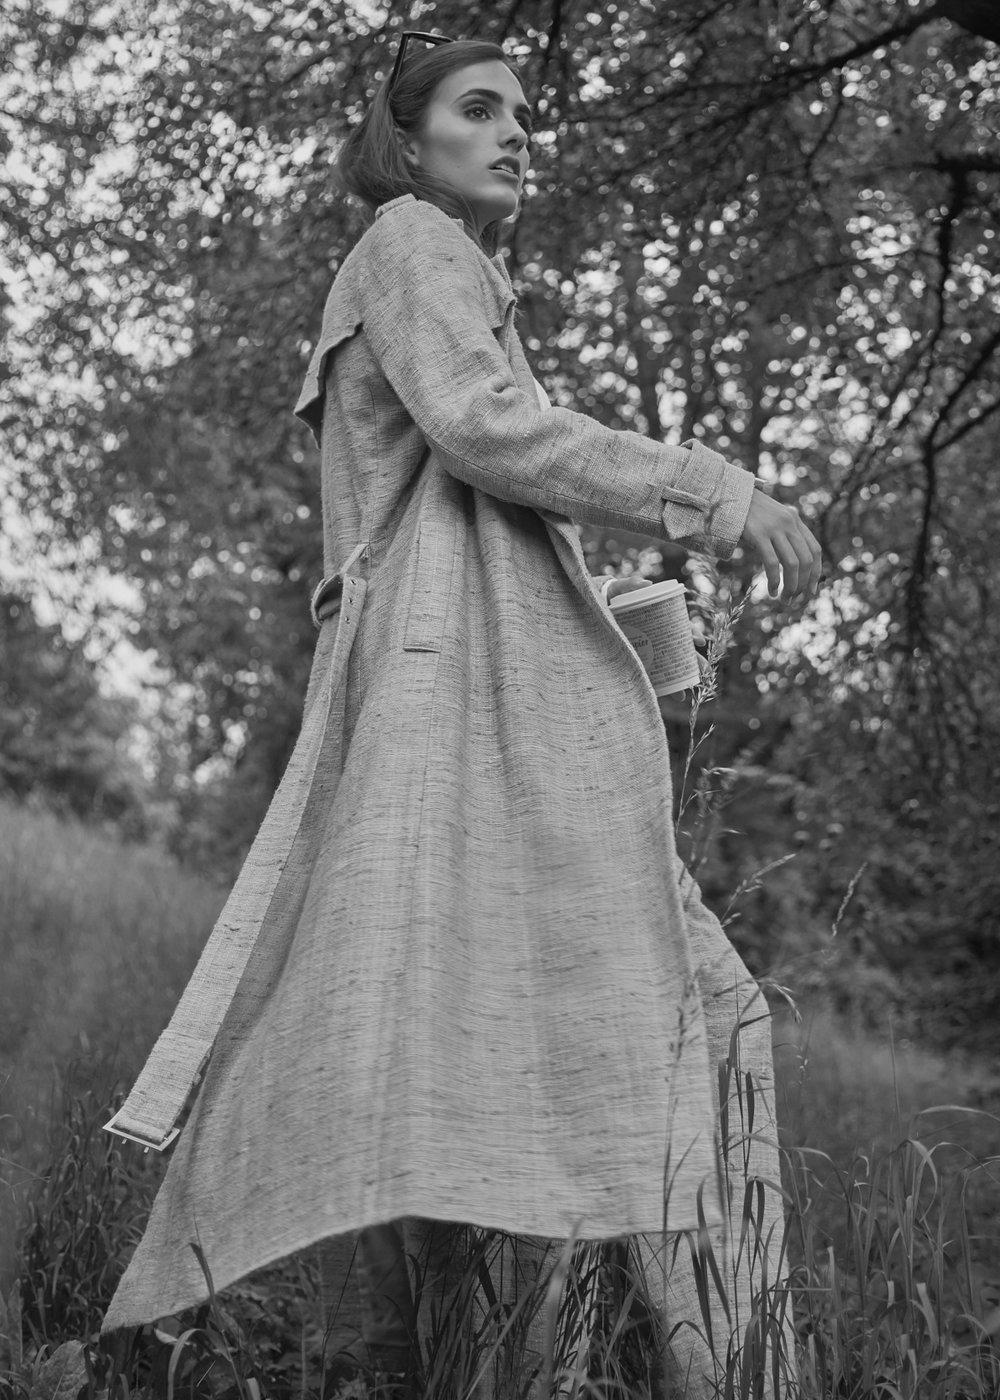 Fotomodell  Laura 'Line' Pittana  entdeckt in München den  Graspapierbecher  für sich. Foto:  christinakapl.at  für die © WEBER Packaging GmbH, 2018